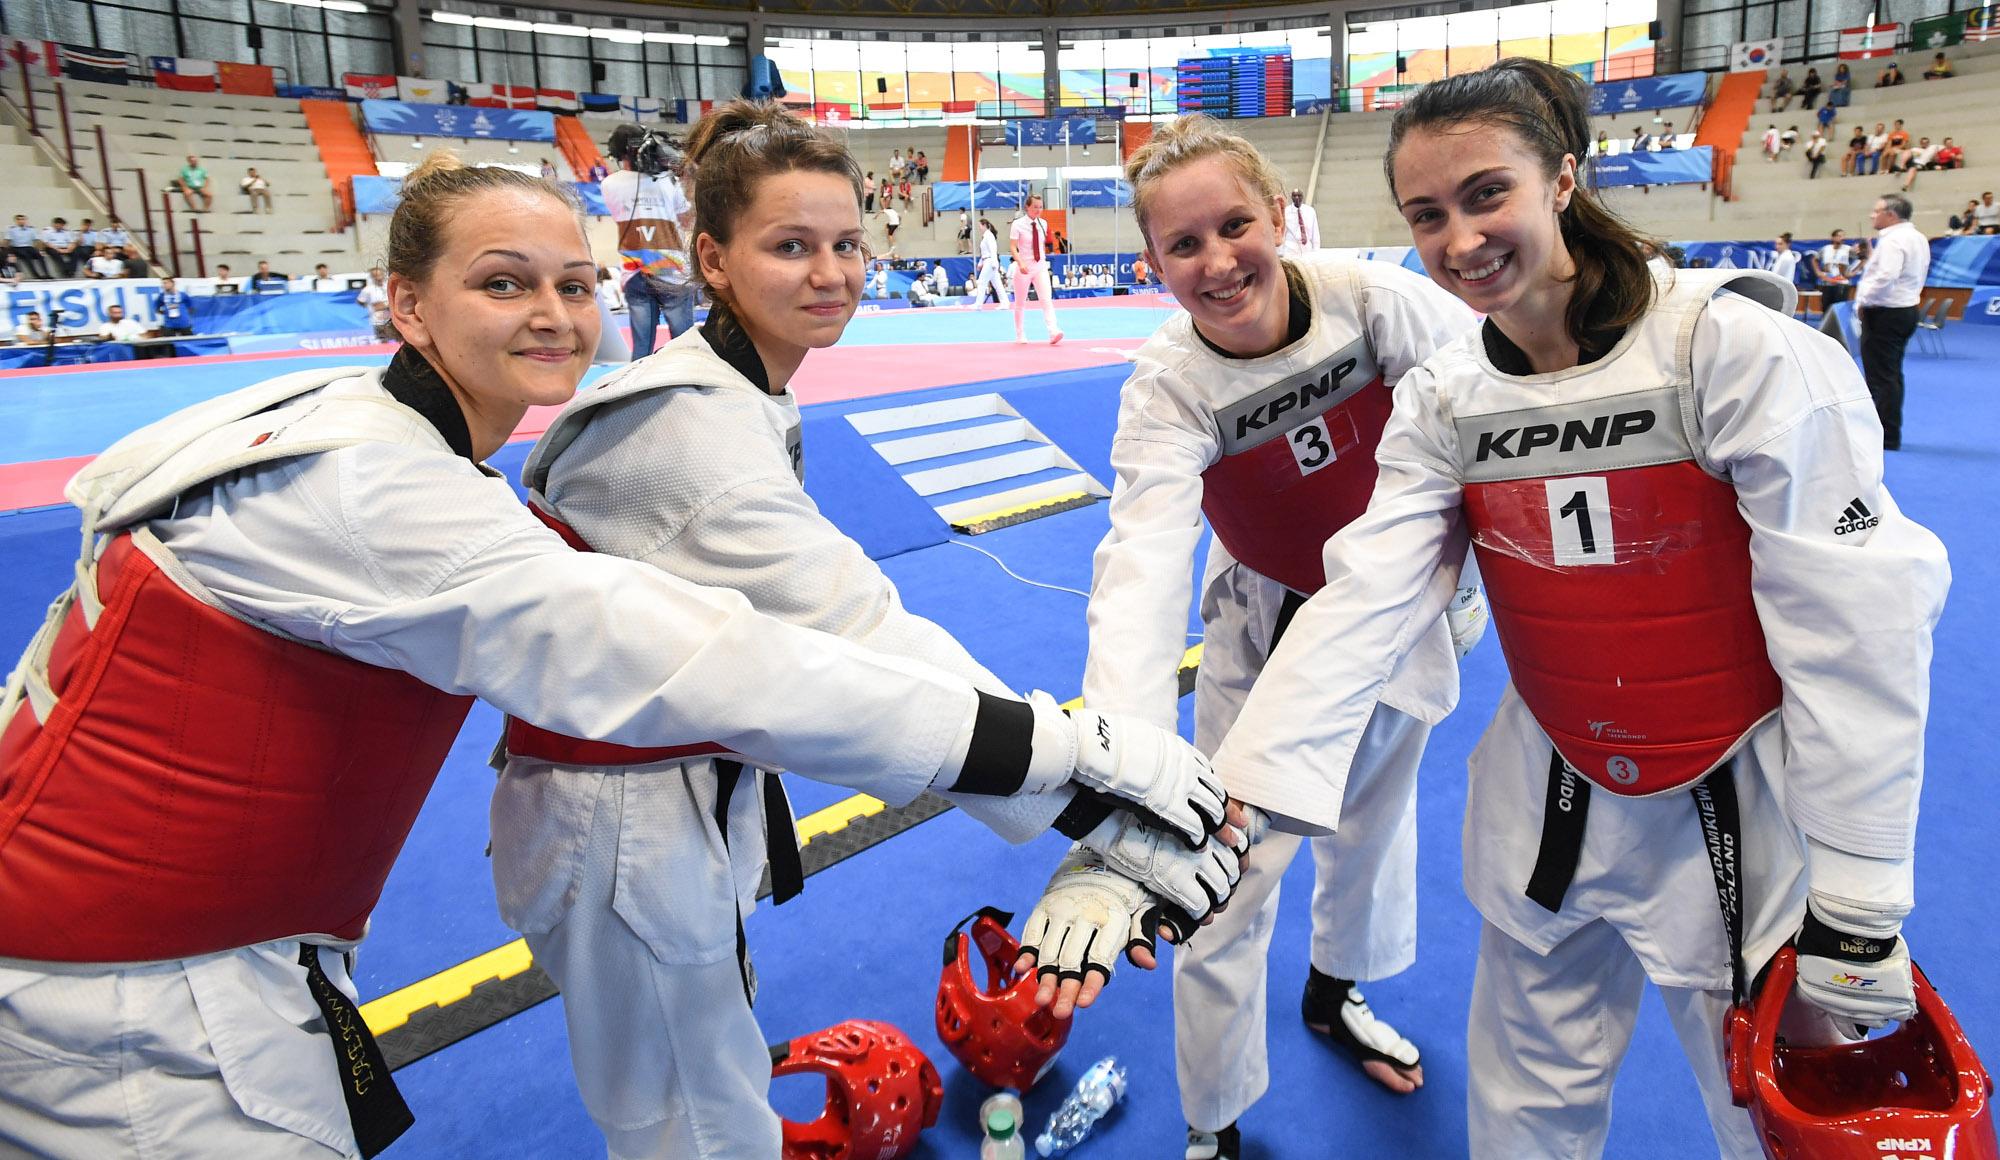 Patrycja Adamkiewicz, Gabriela Dajnowicz, Magdalena Leporowska i Karolina Ziejewska